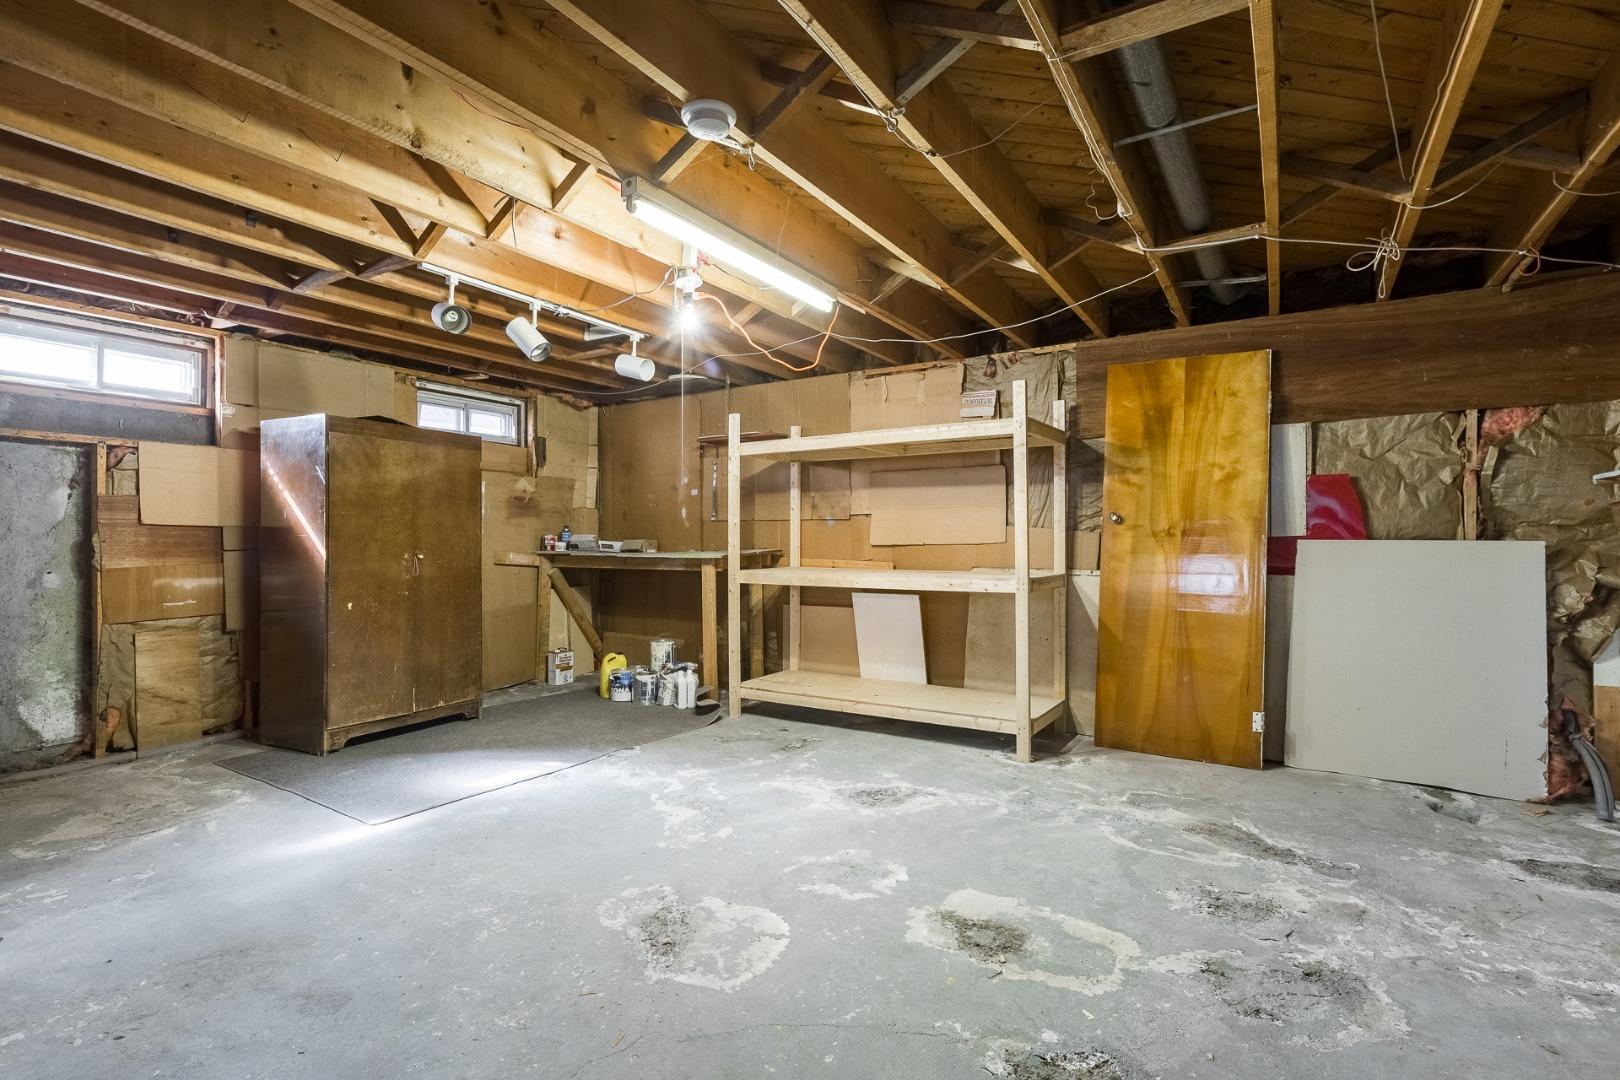 Maison à vendre_-_4351_rue_gilles_-_pierrefonds_-_steve_rouleau_-_al23.jpg